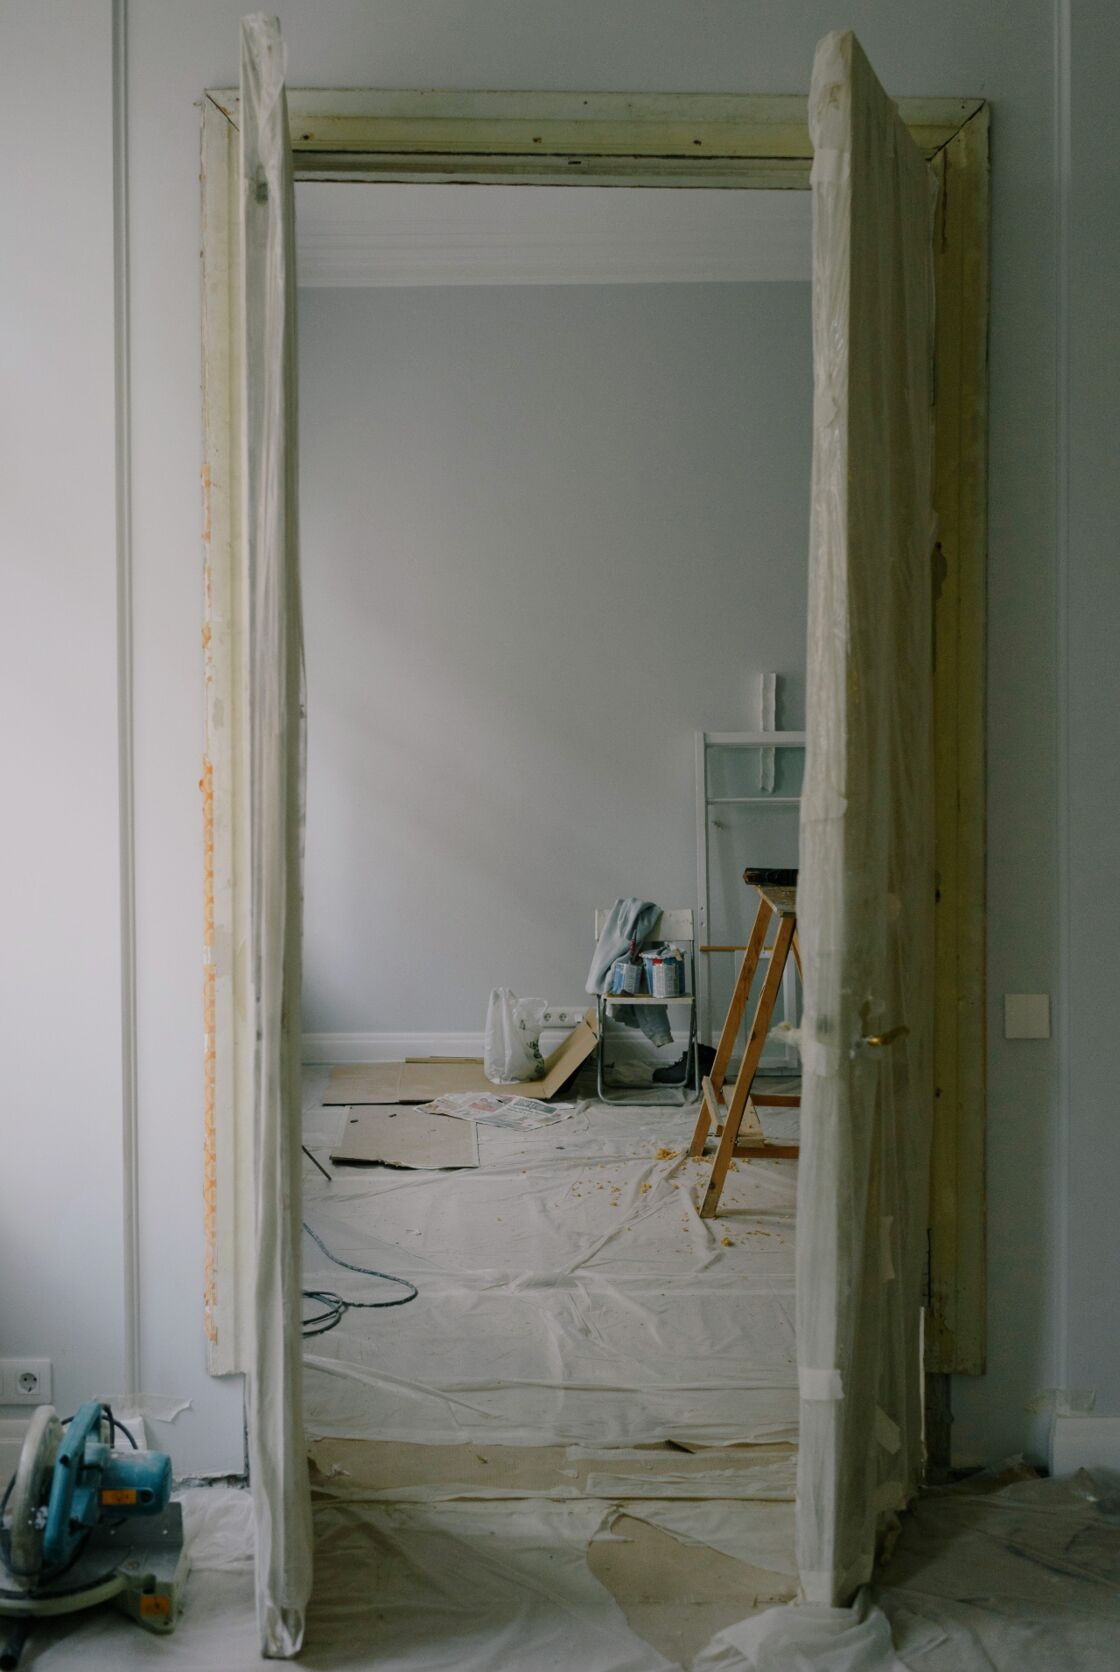 Renovierung mit Überraschung: Paar ist überglücklich, als es die Wand einreißt!